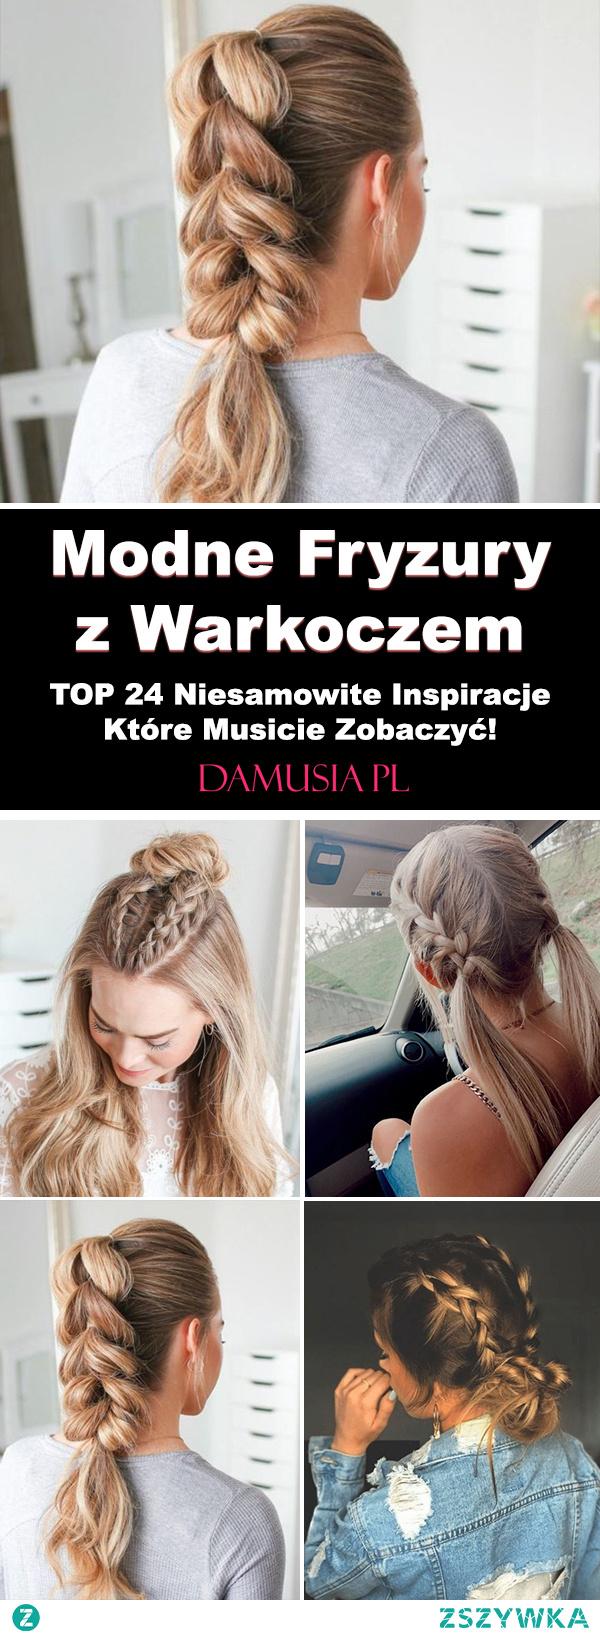 Modne Fryzury z Warkoczem – TOP 24 Niesamowite Inspiracje Które Musicie Zobaczyć!